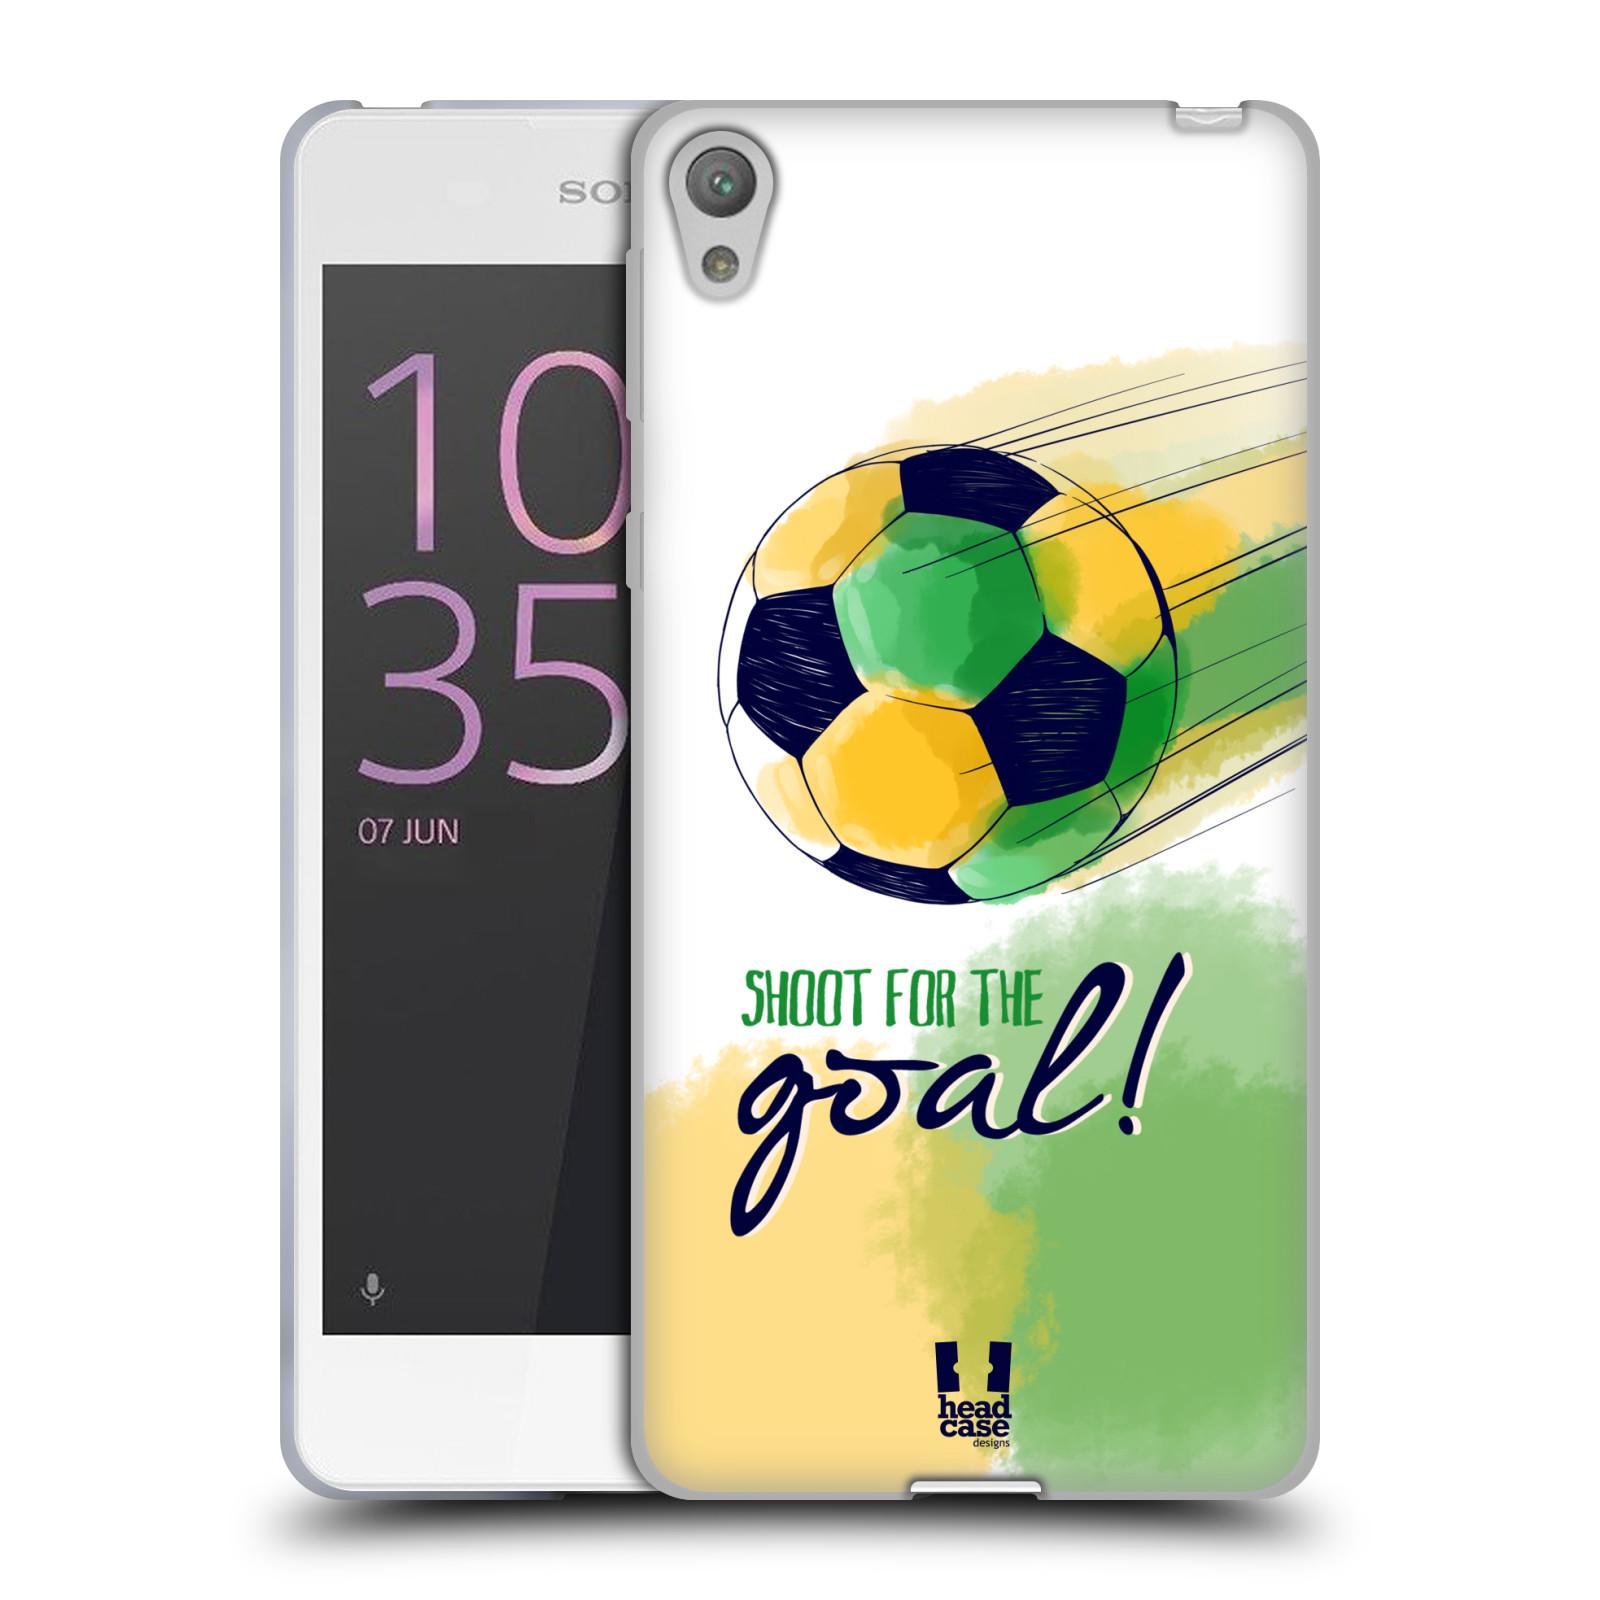 HEAD CASE silikonový obal na mobil Sony Xperia E5 Sport fotbalový gól zelená barva